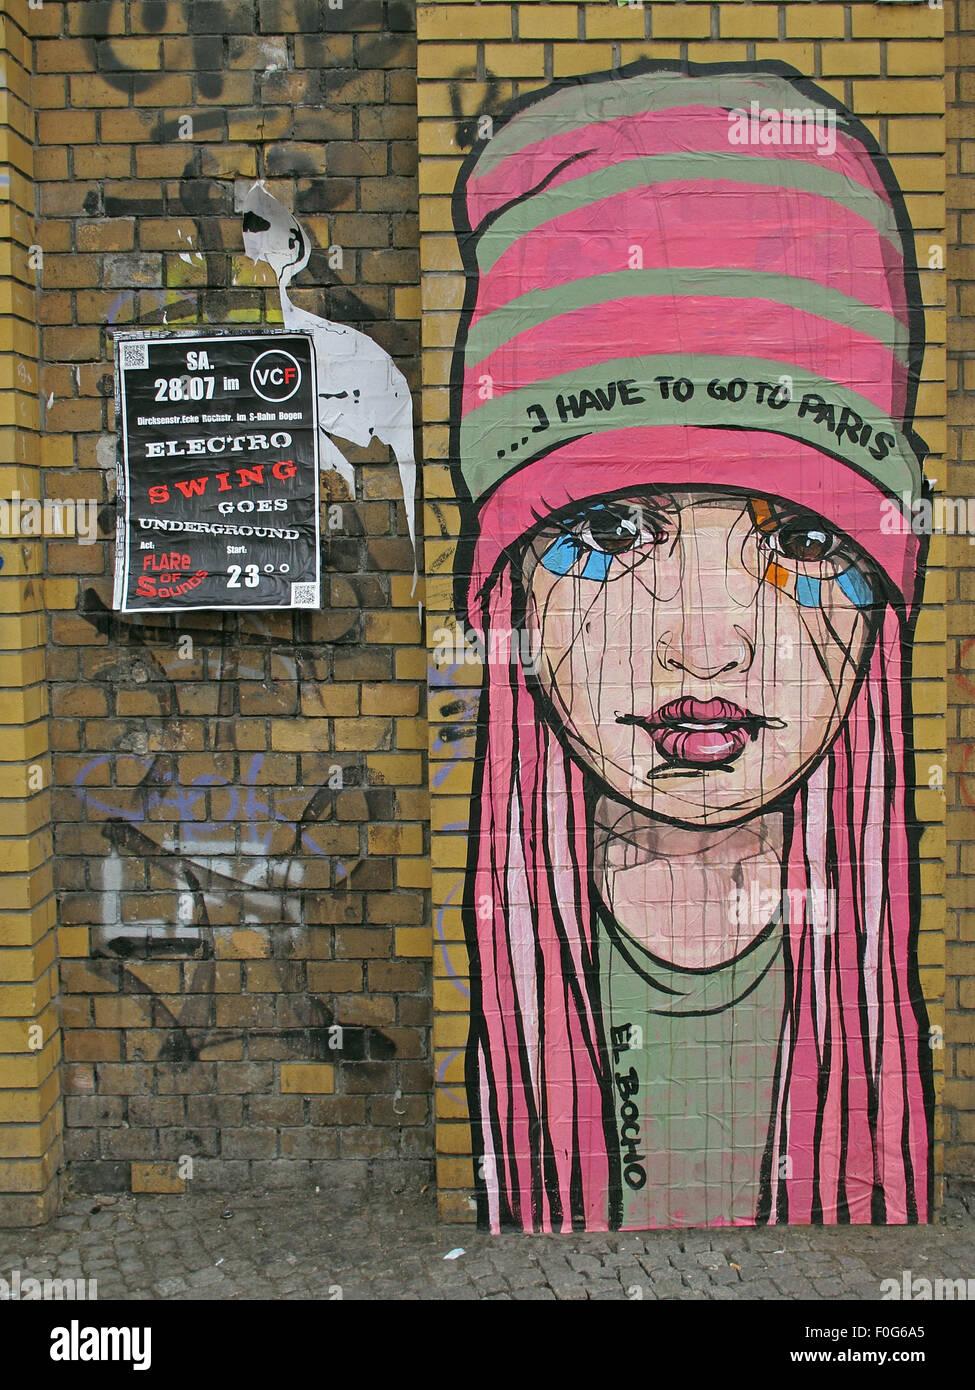 Laden Sie dieses Alamy Stockfoto Mädchen-Graffiti auf einer Berliner Mauer, Straßenkunst, Deutschland - F0G6A5